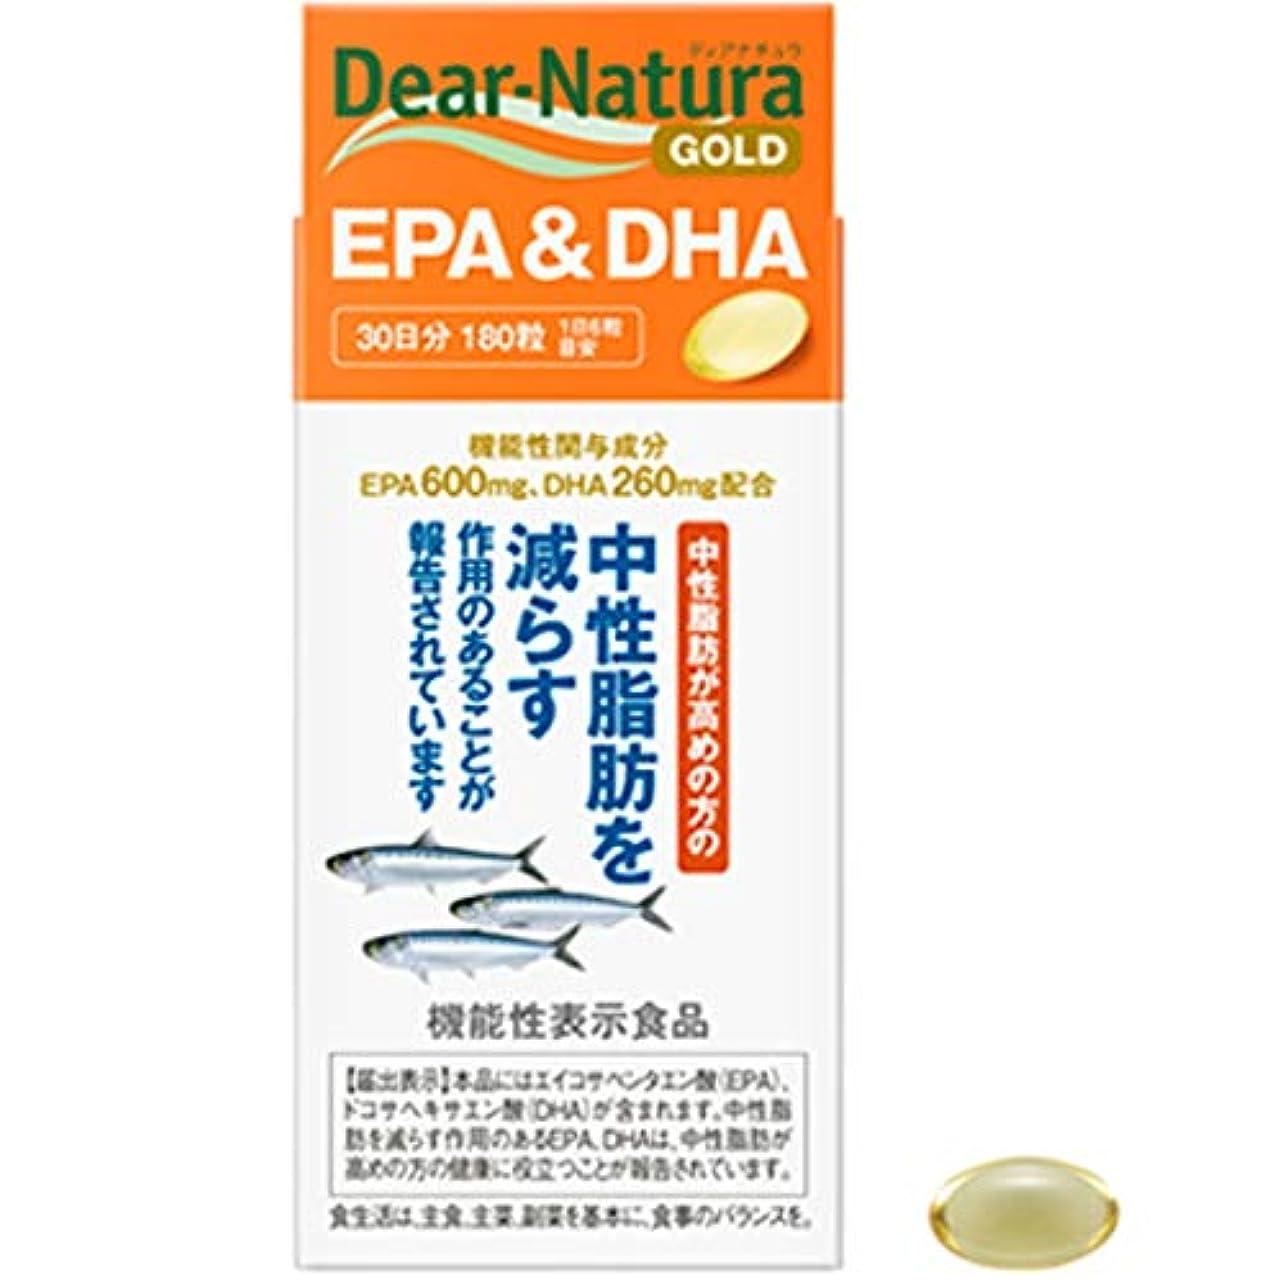 寄付する要求する体ディアナチュラゴールド EPA&DHA 30日分 180粒入×5個セット